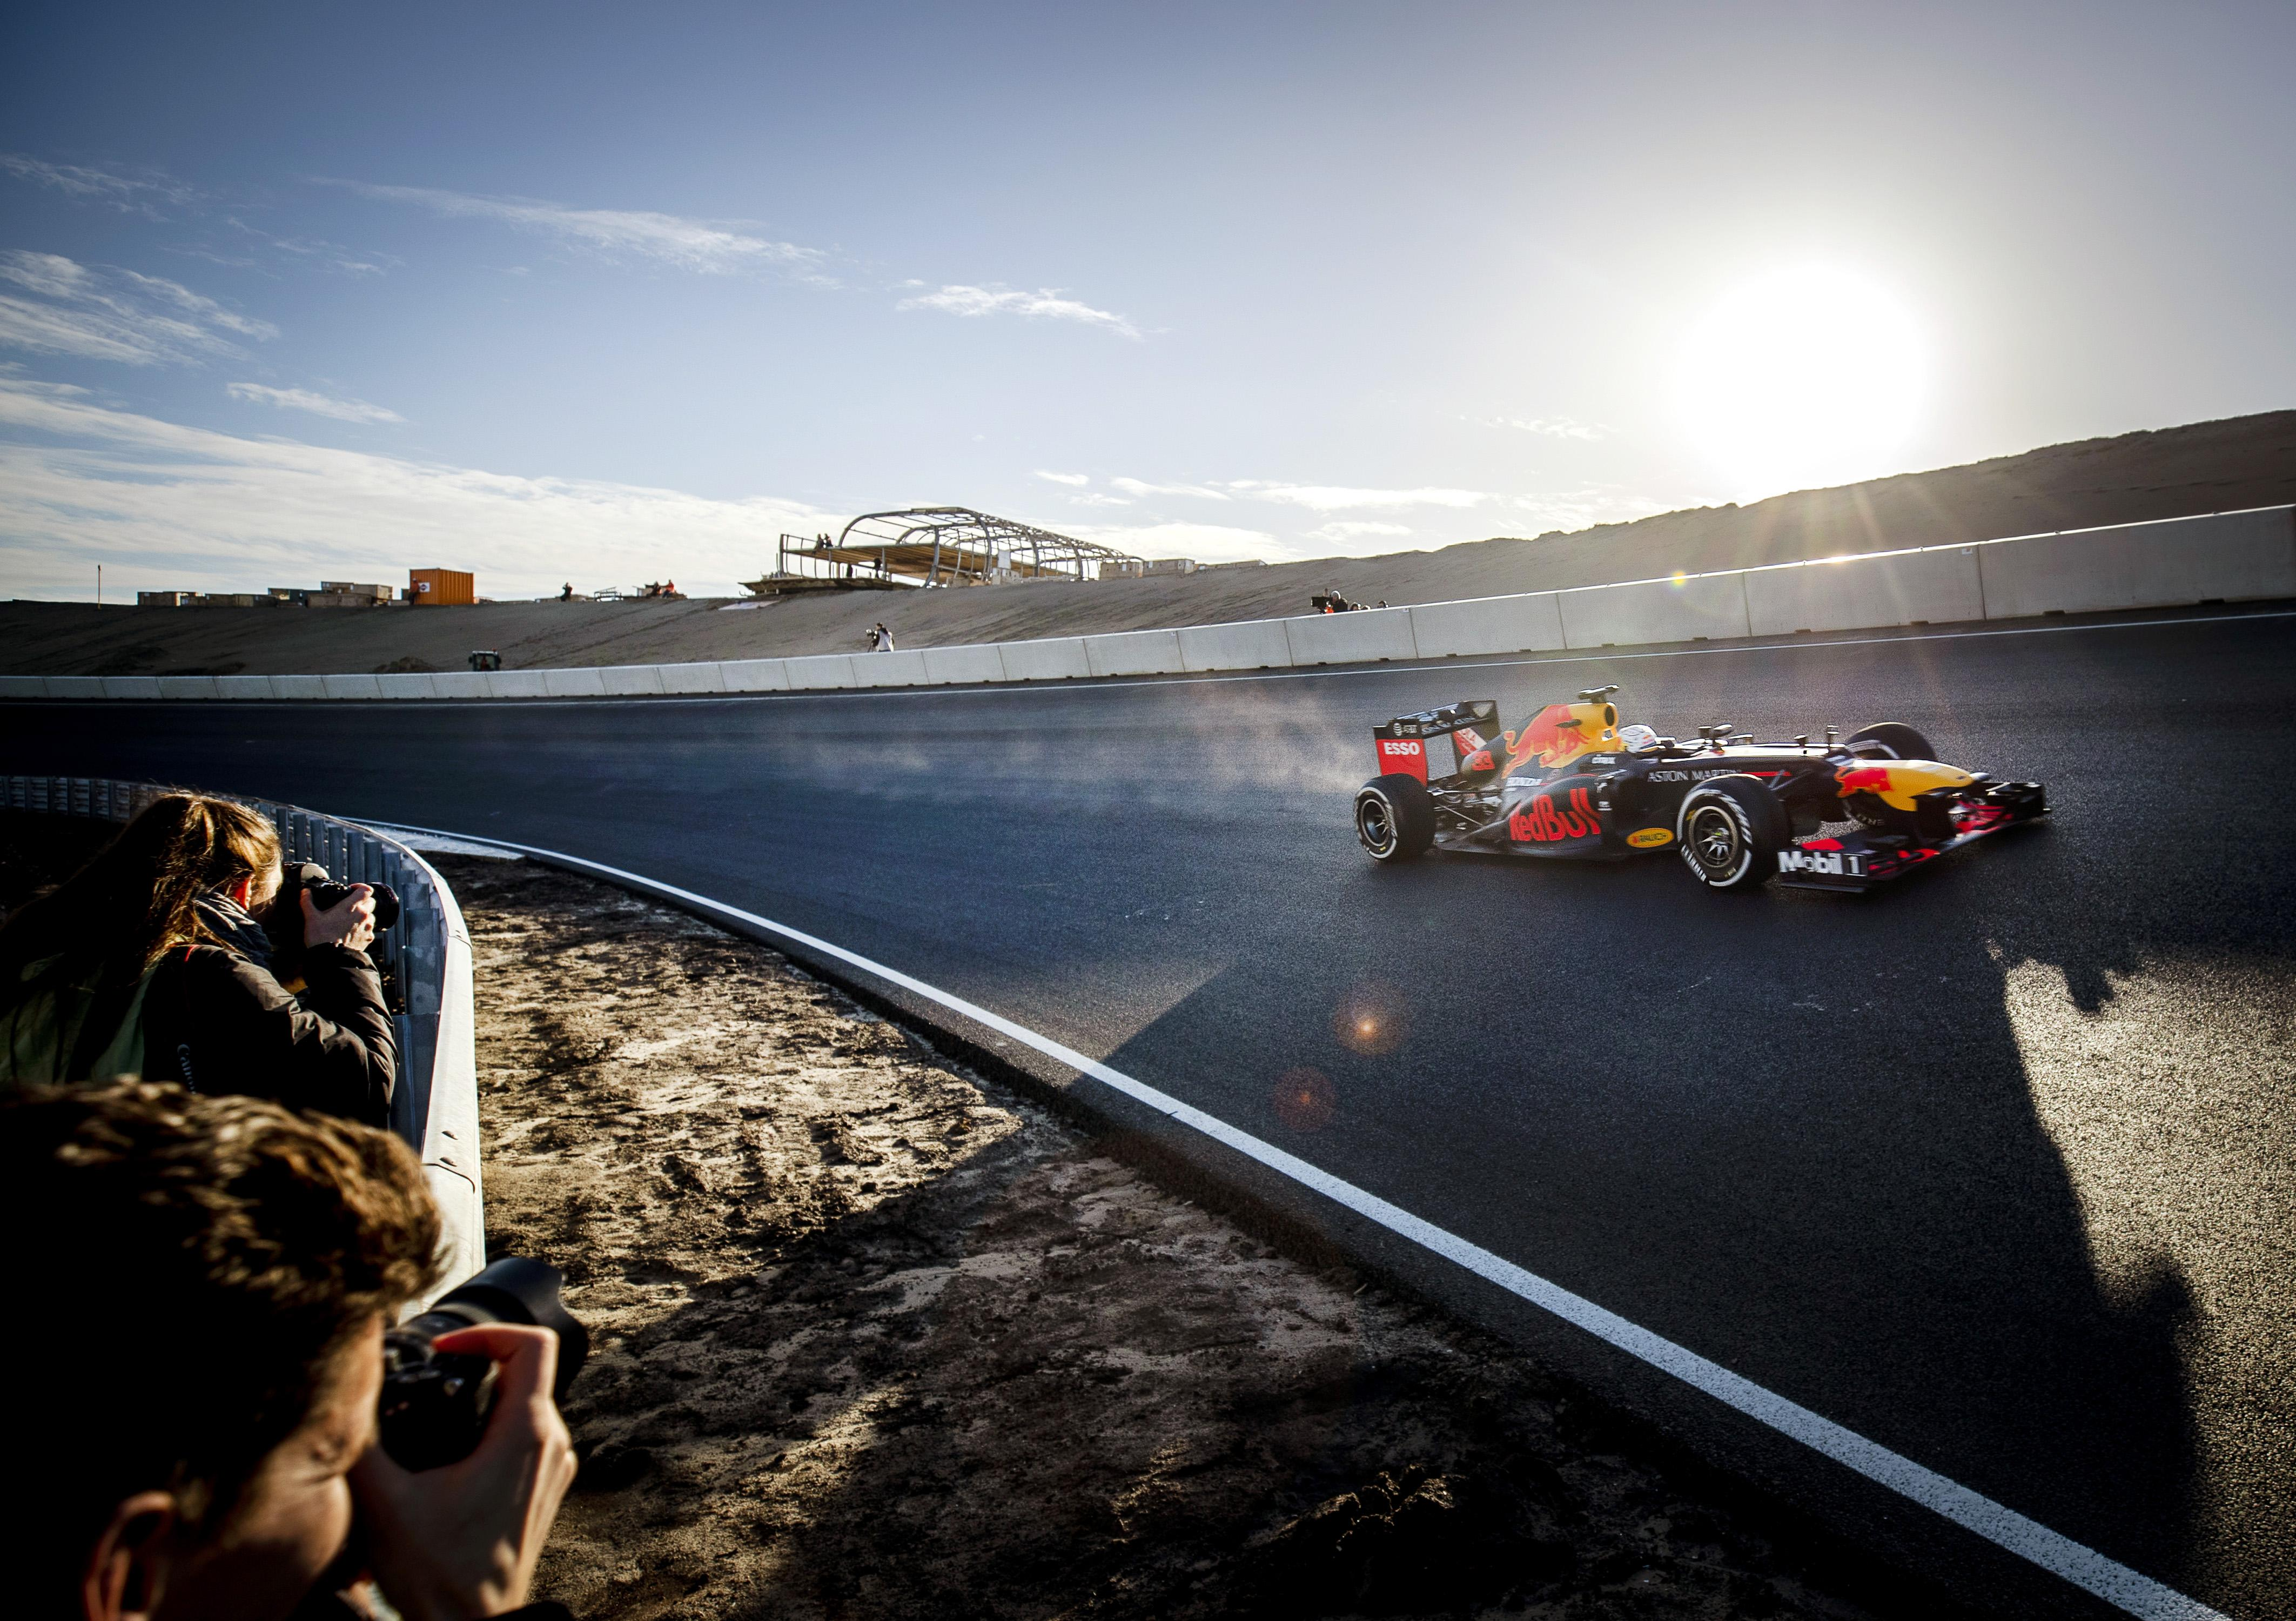 Janken van geluk op Circuit Zandvoort, met dank aan Max Verstappen